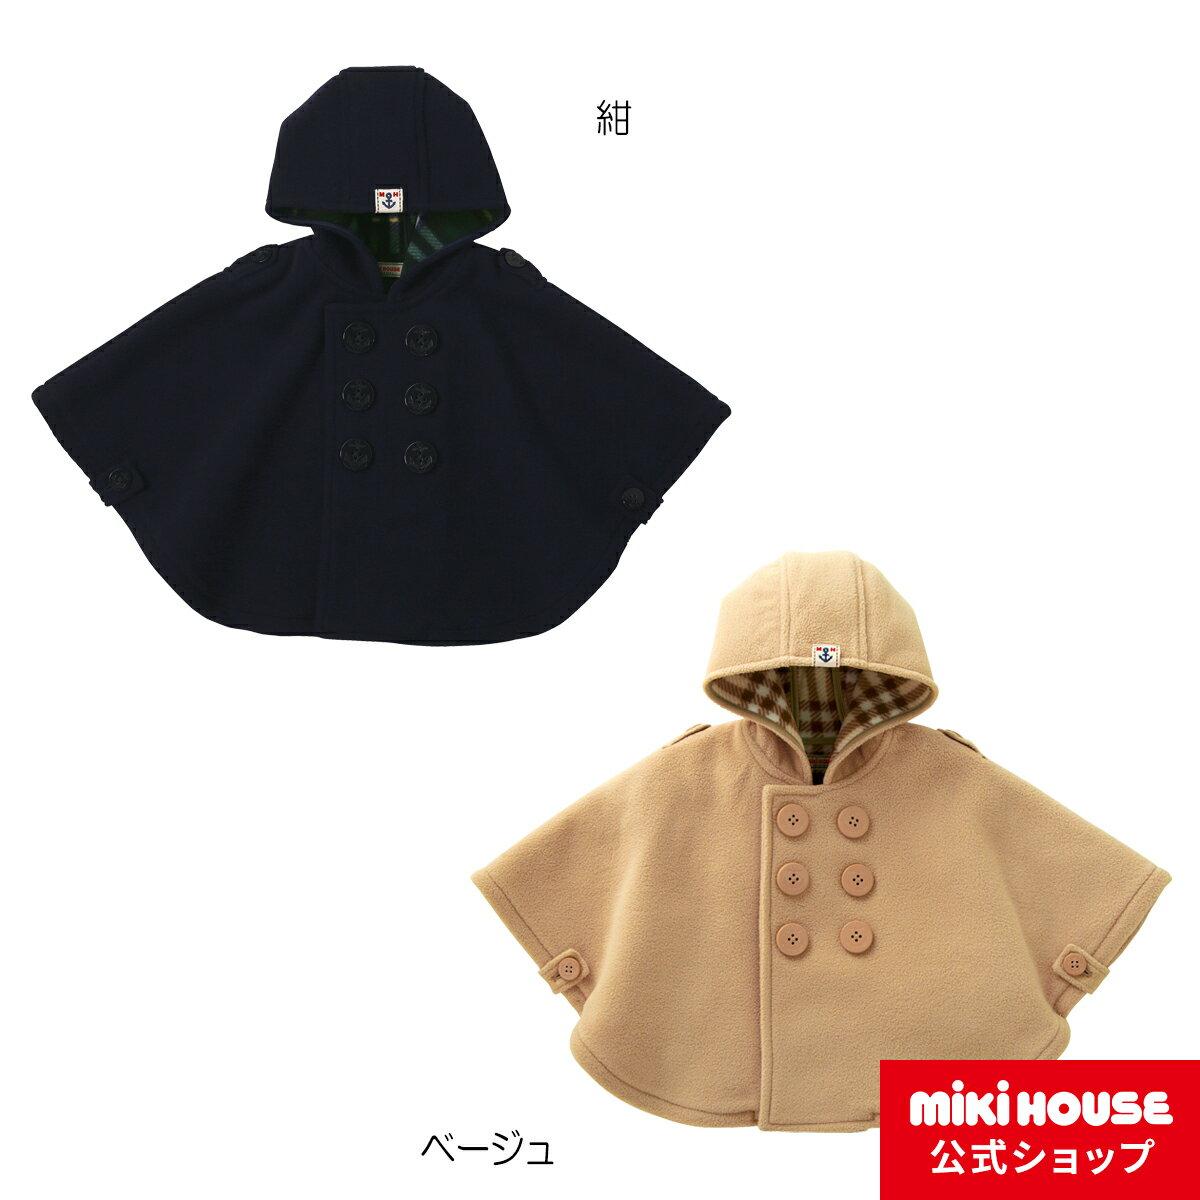 ミキハウス mikihouse イカリマーク フリースベビーマント〈フリー(70cm-90cm)〉